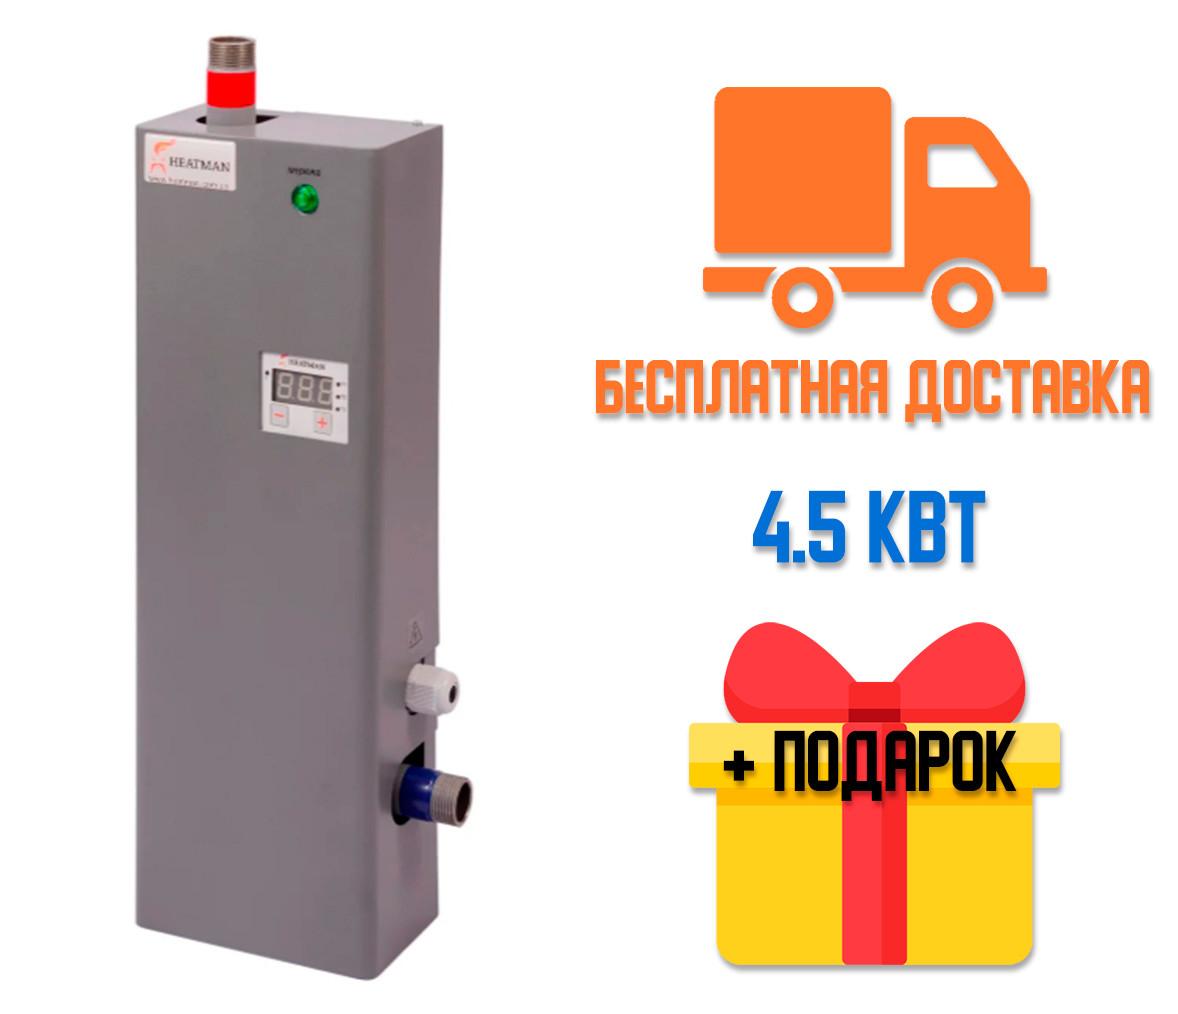 Котел электрический Heatman 4.5 кВт